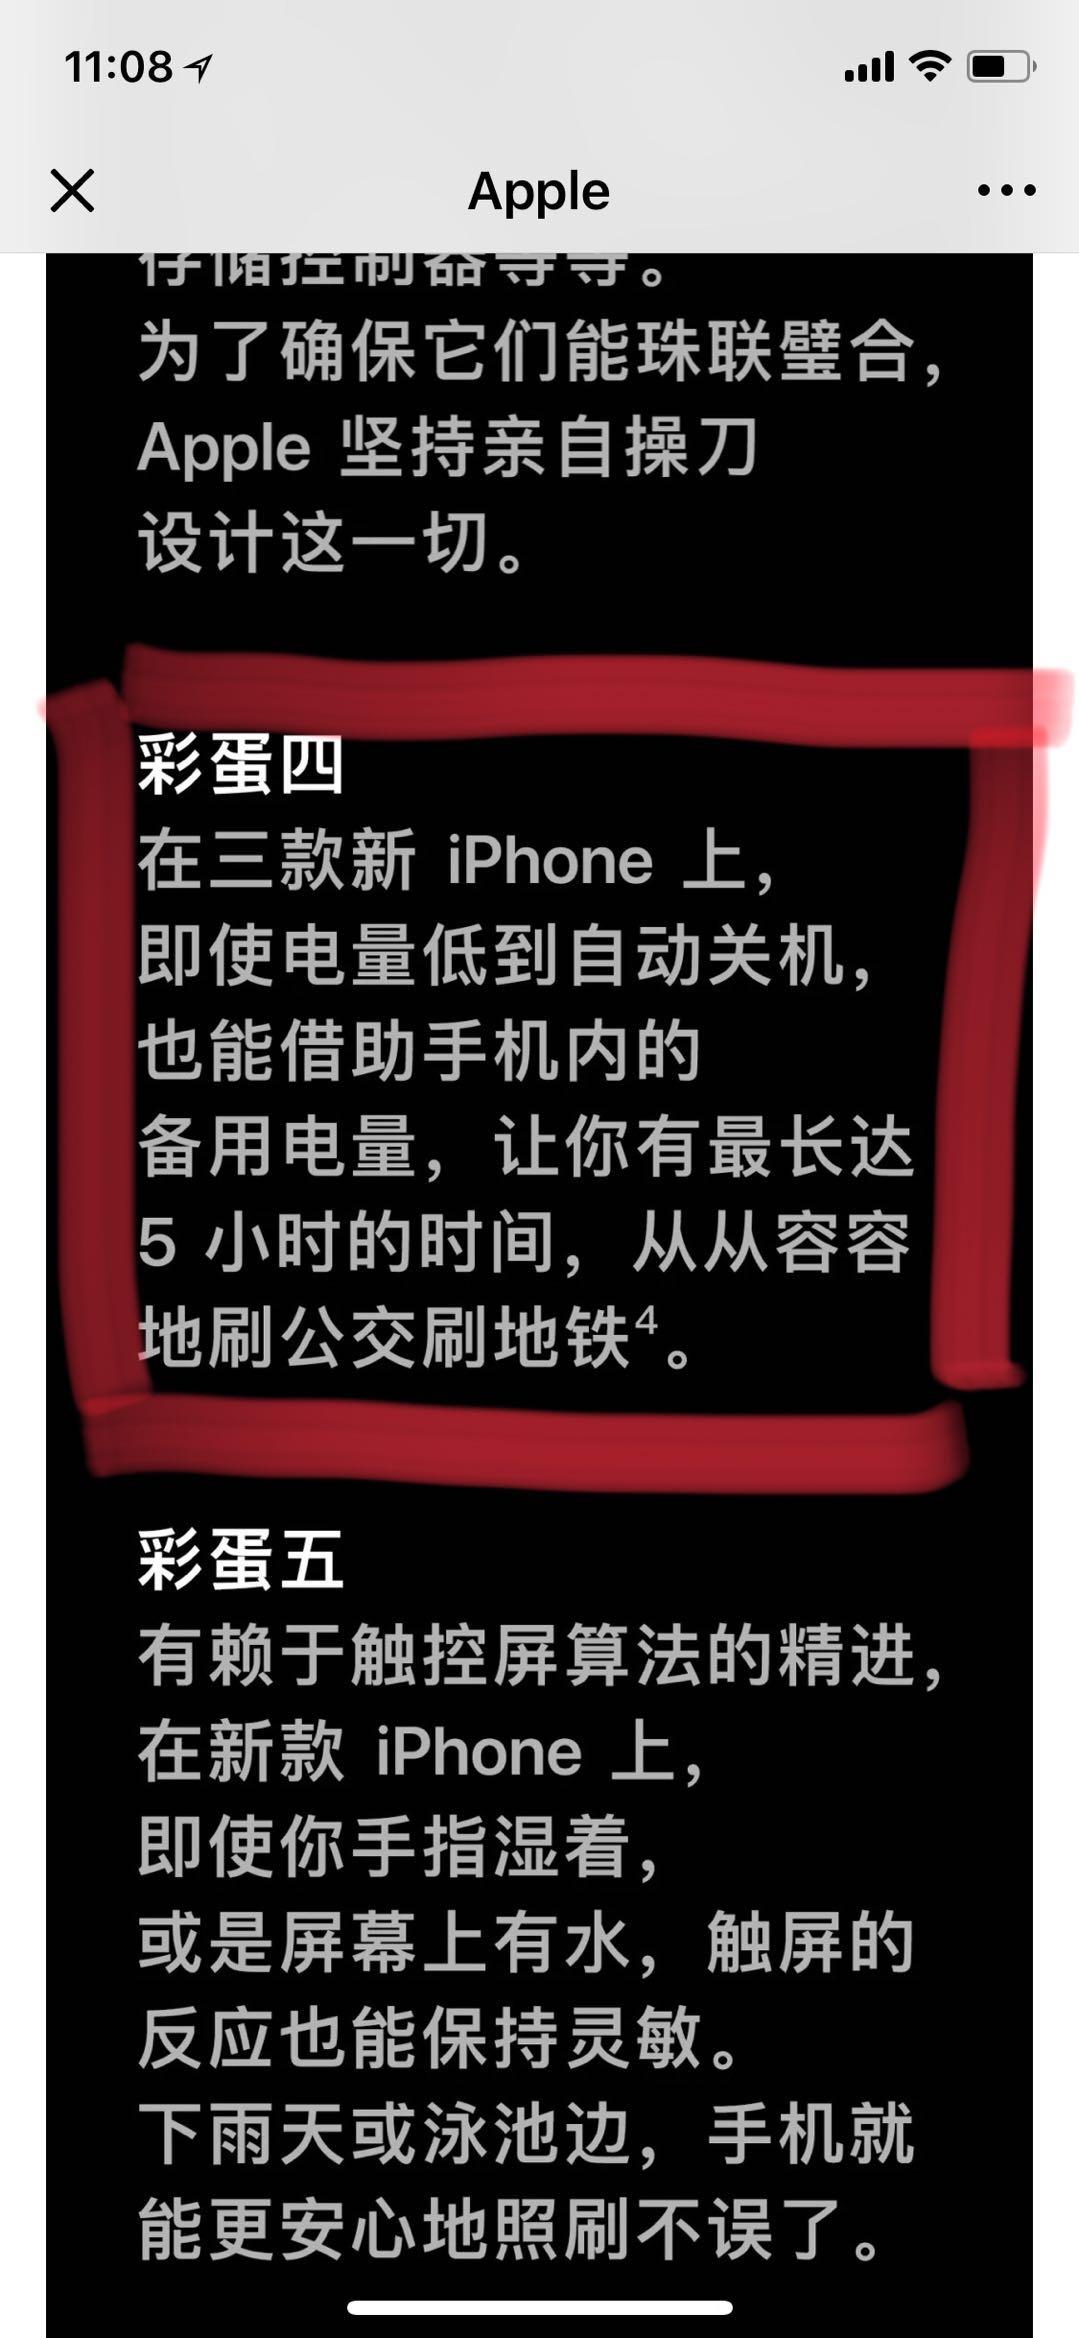 iPhone新品最大亮点:没电也能刷5小时地铁公交